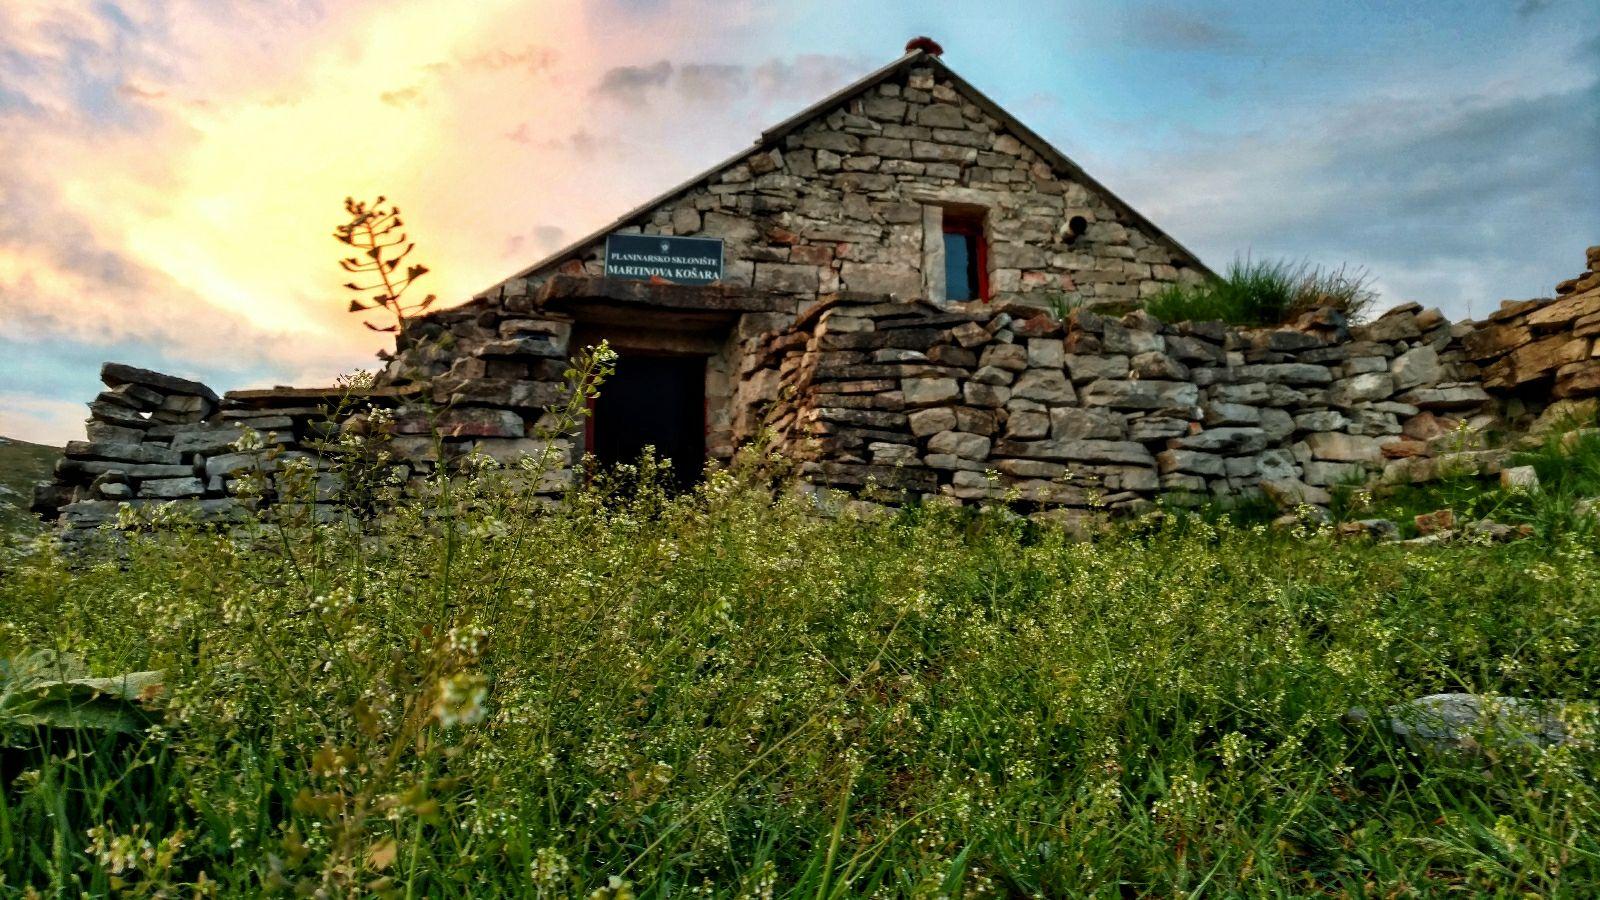 Martinova Košara | Herinneringendingen en onweer in de tent